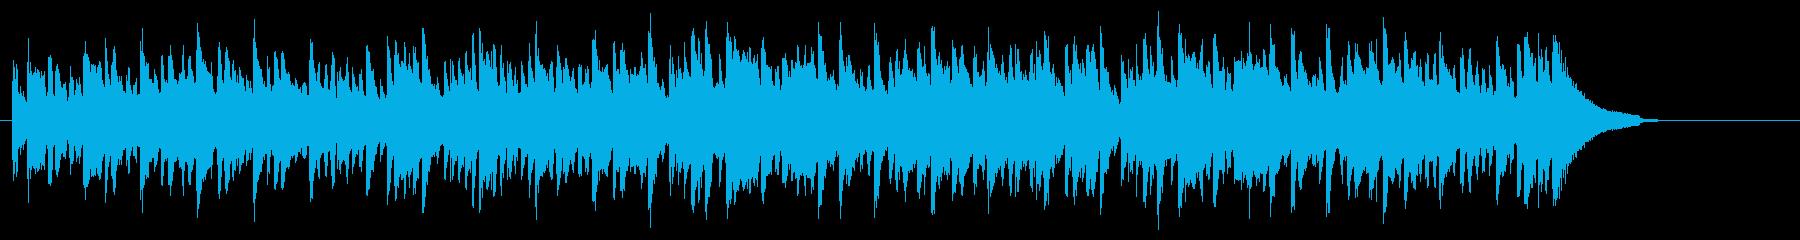 ほのぼのアコースティックなピアノBGMの再生済みの波形